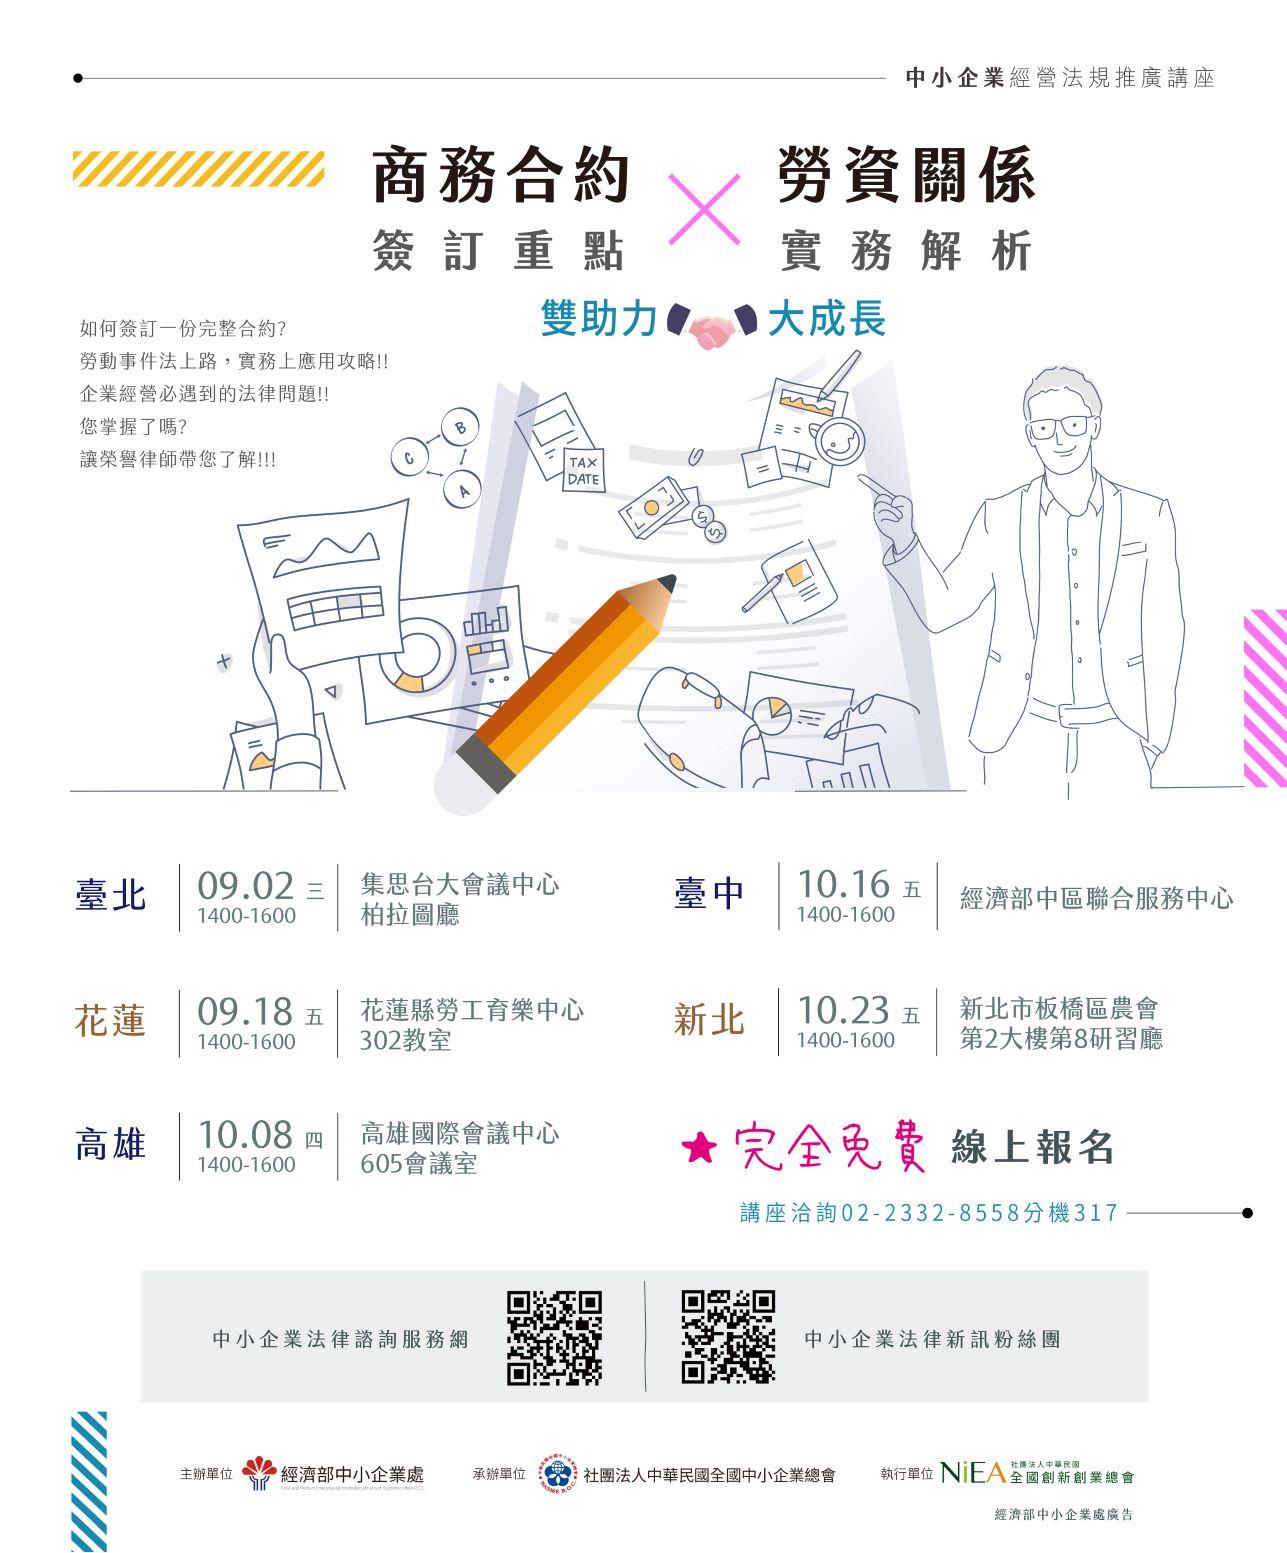 10/8(五)高雄場-【合約簽訂重點X勞資關係實務解析】-企業經營雙助力的活動EDM